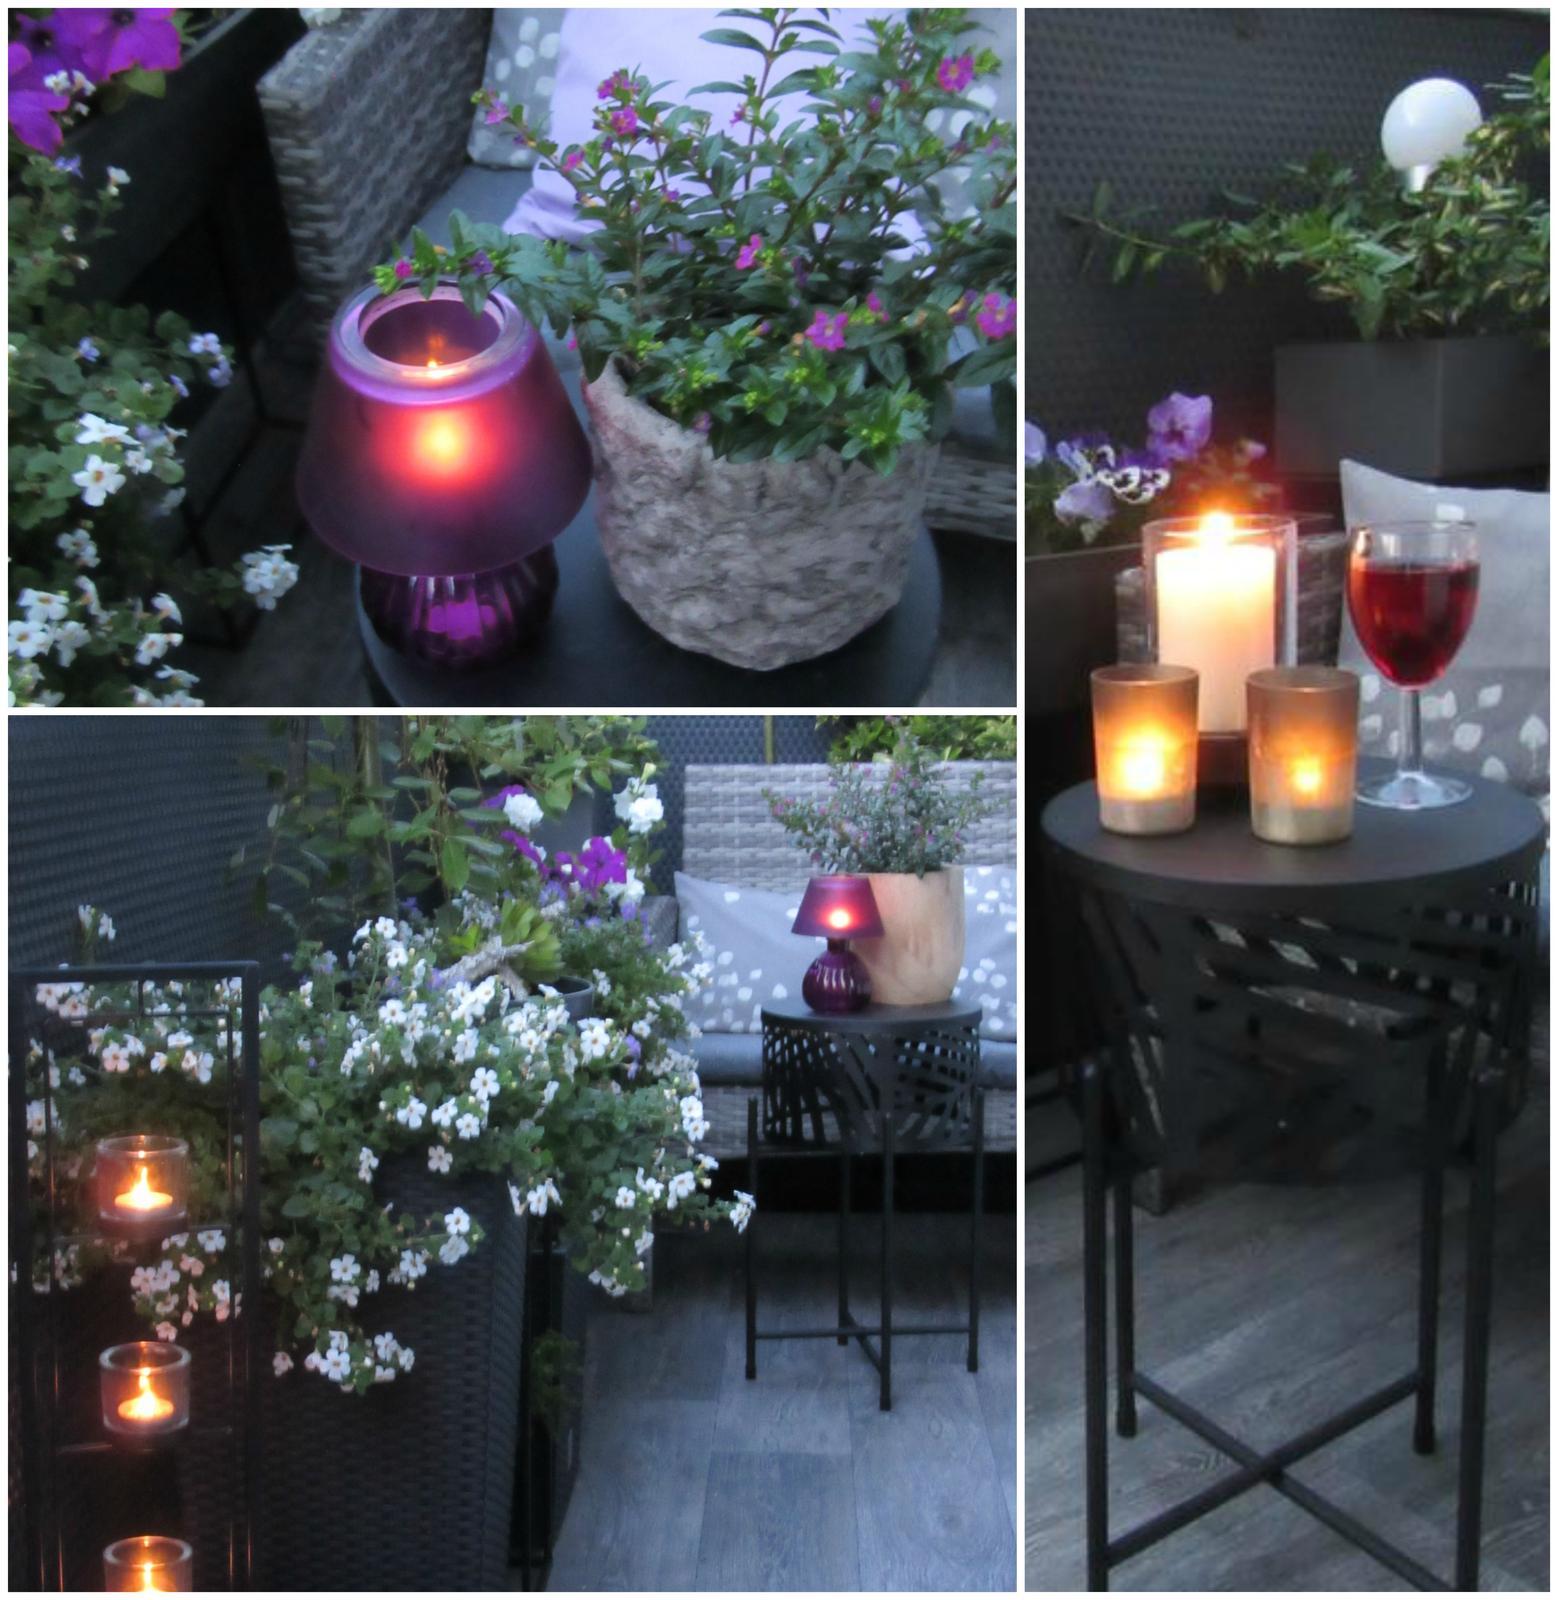 Nové Doma- první rok 2020 - počasí v posledních dnech přeje příjemným večerům na terase:)